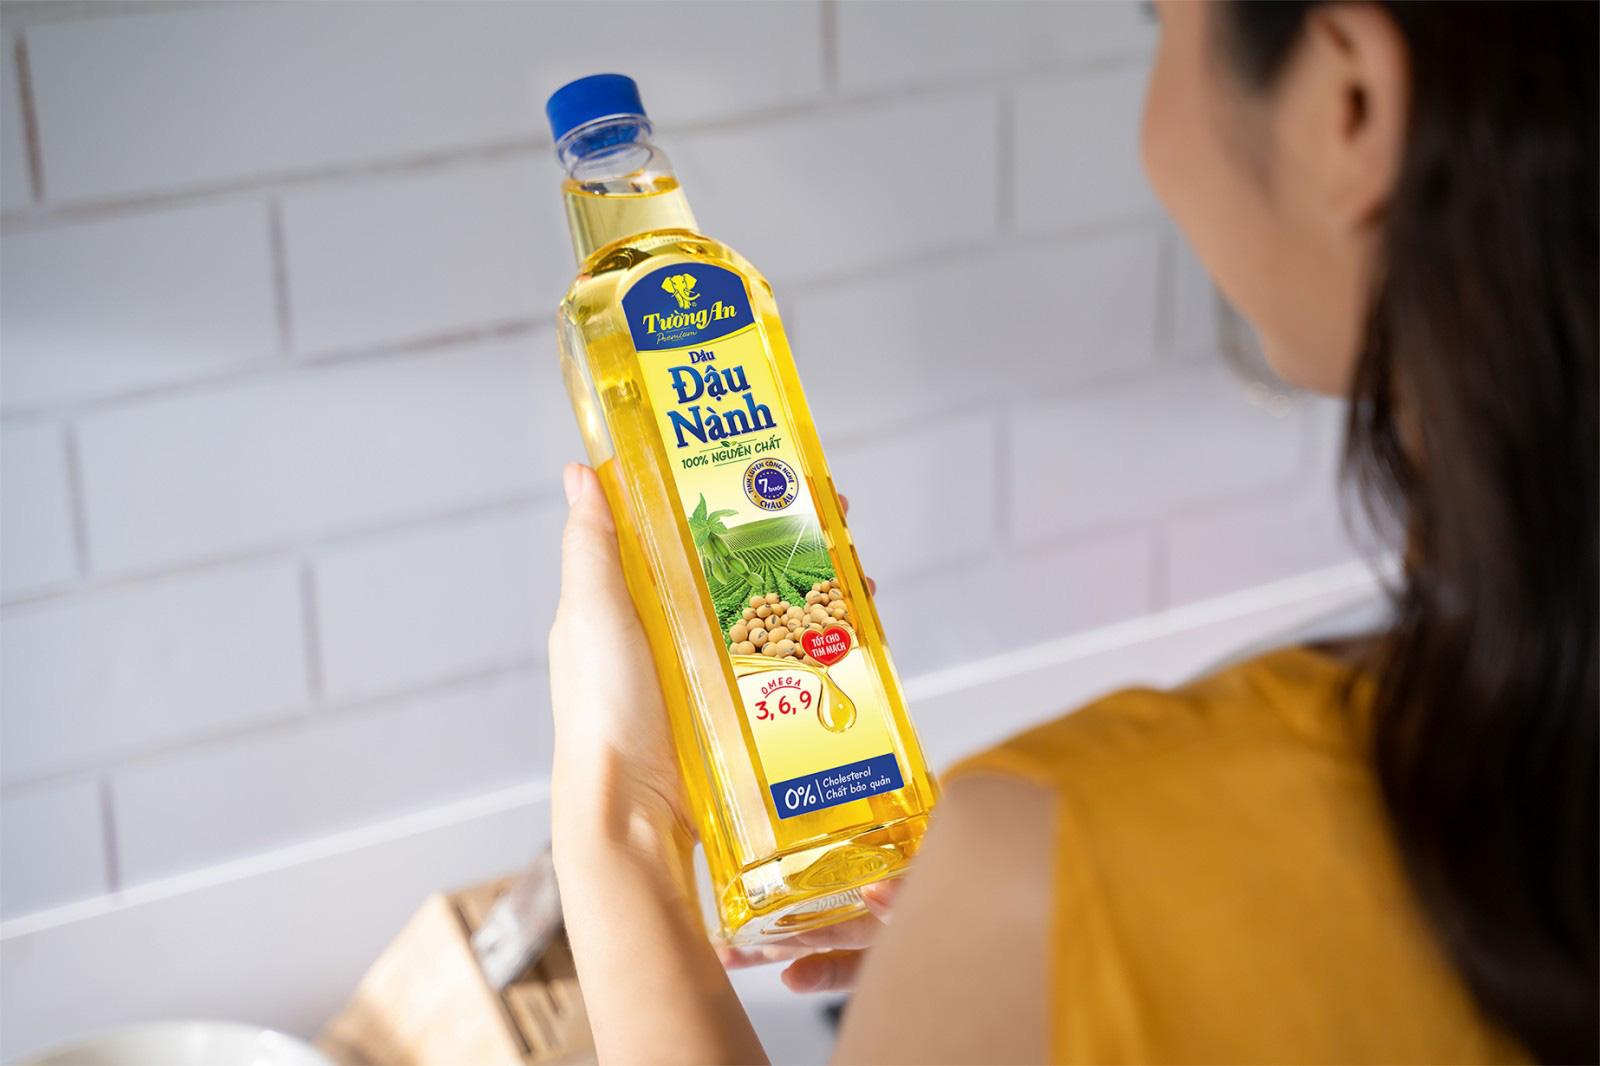 Thời đại công nghệ - Chọn dầu ăn cũng cần lấy công nghệ làm đầu để bảo đảm sức khỏe gia đình - Ảnh 2.